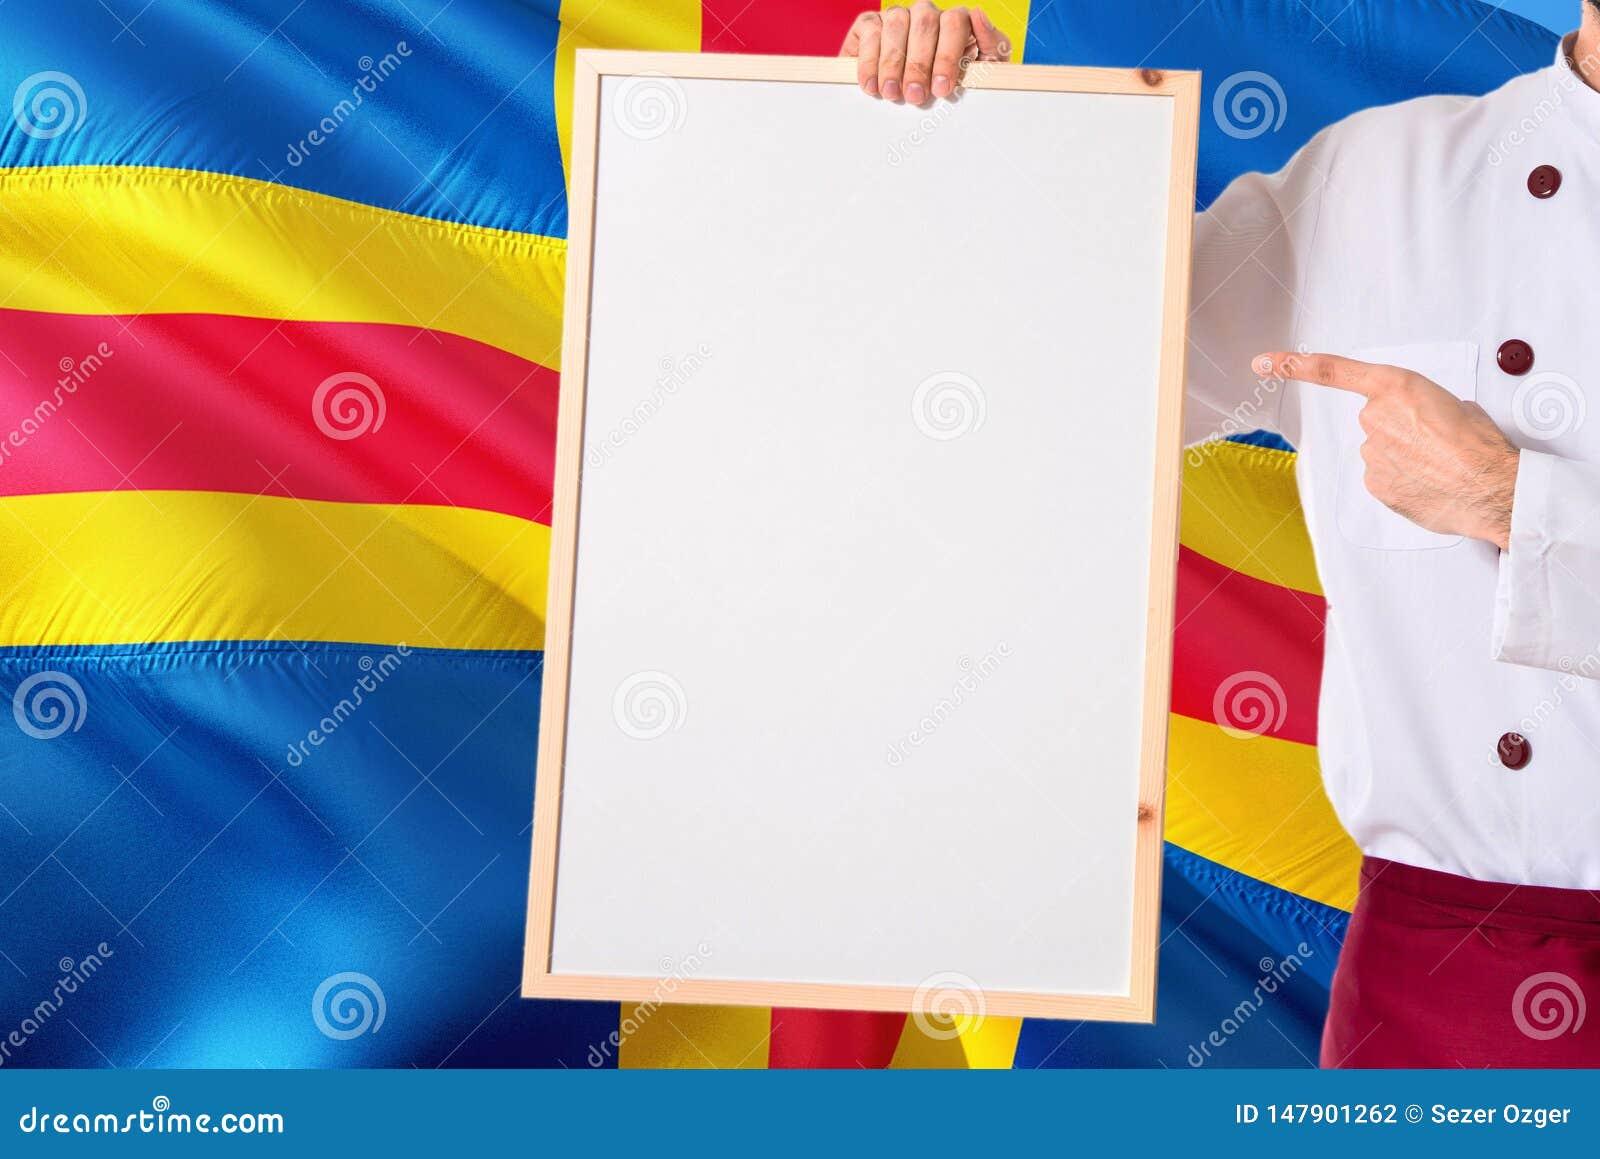 Chef-kok die leeg whiteboardmenu op Aland-de achtergrond van de Eilandenvlag houden Kok die eenvormige richtende ruimte voor teks